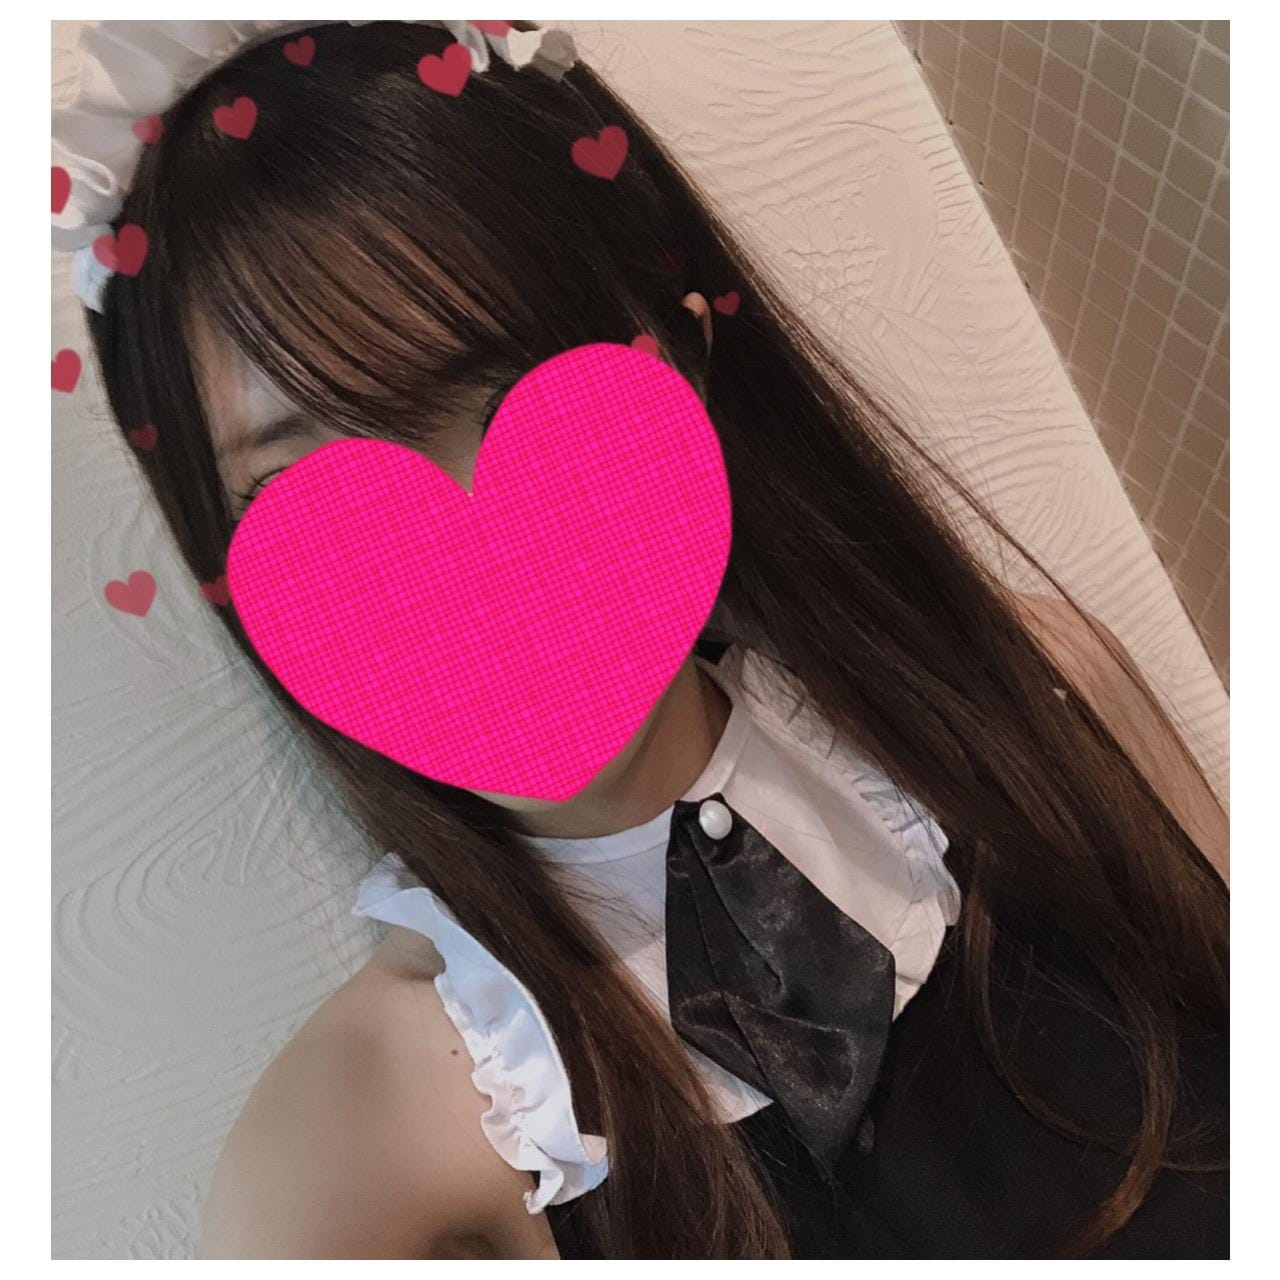 「(*´∀`*)ノ」05/28(火) 16:03 | れんの写メ・風俗動画